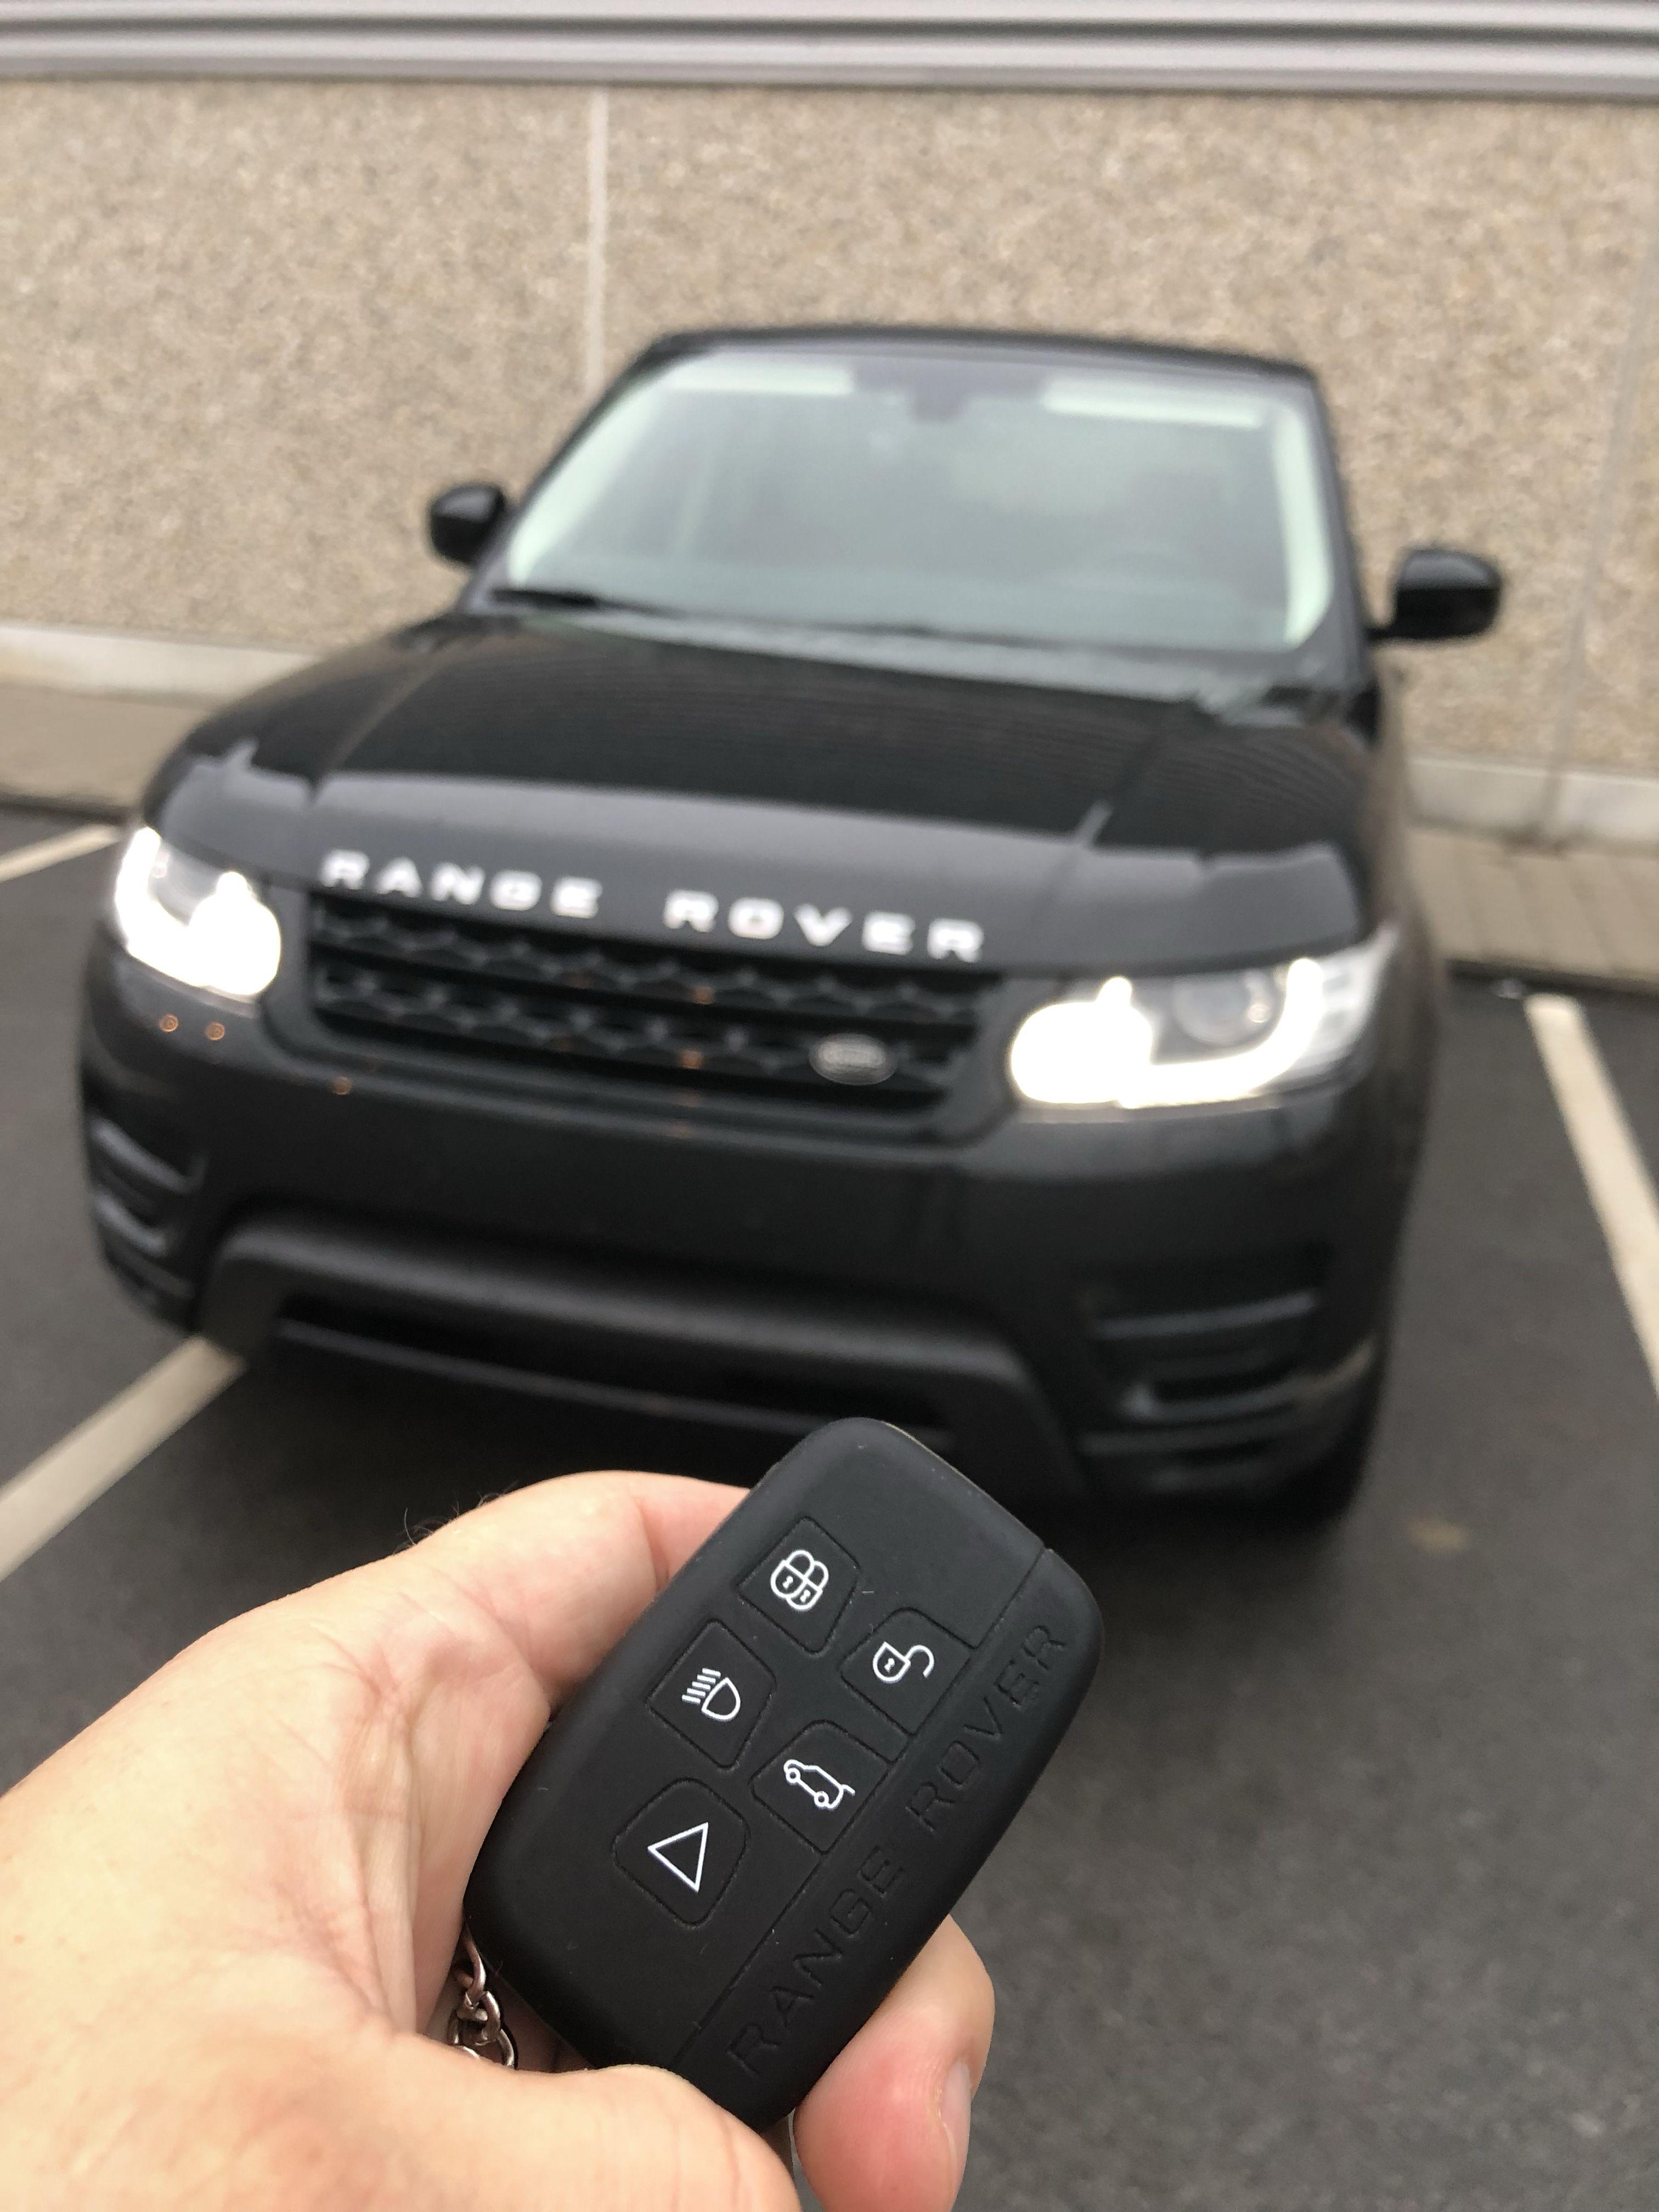 Range Rover Sport Black Key Range Rover Sport Black Range Rover Sport Range Rover Car